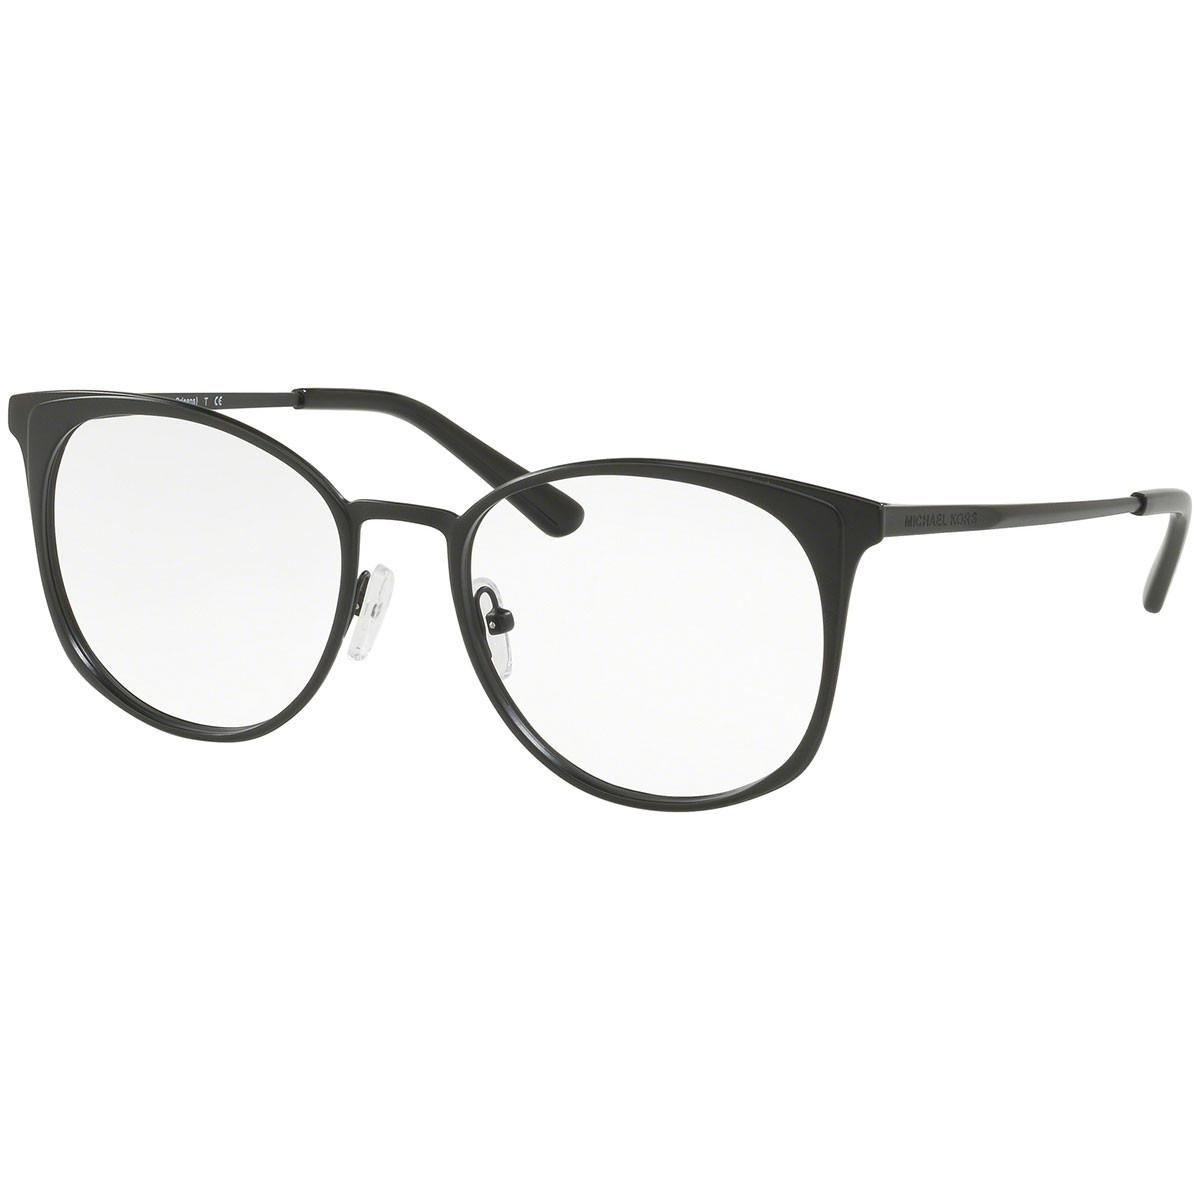 ed55651bd MICHAEL KORS NEW ORLEANS MK3022/O 1202 - Eyevil